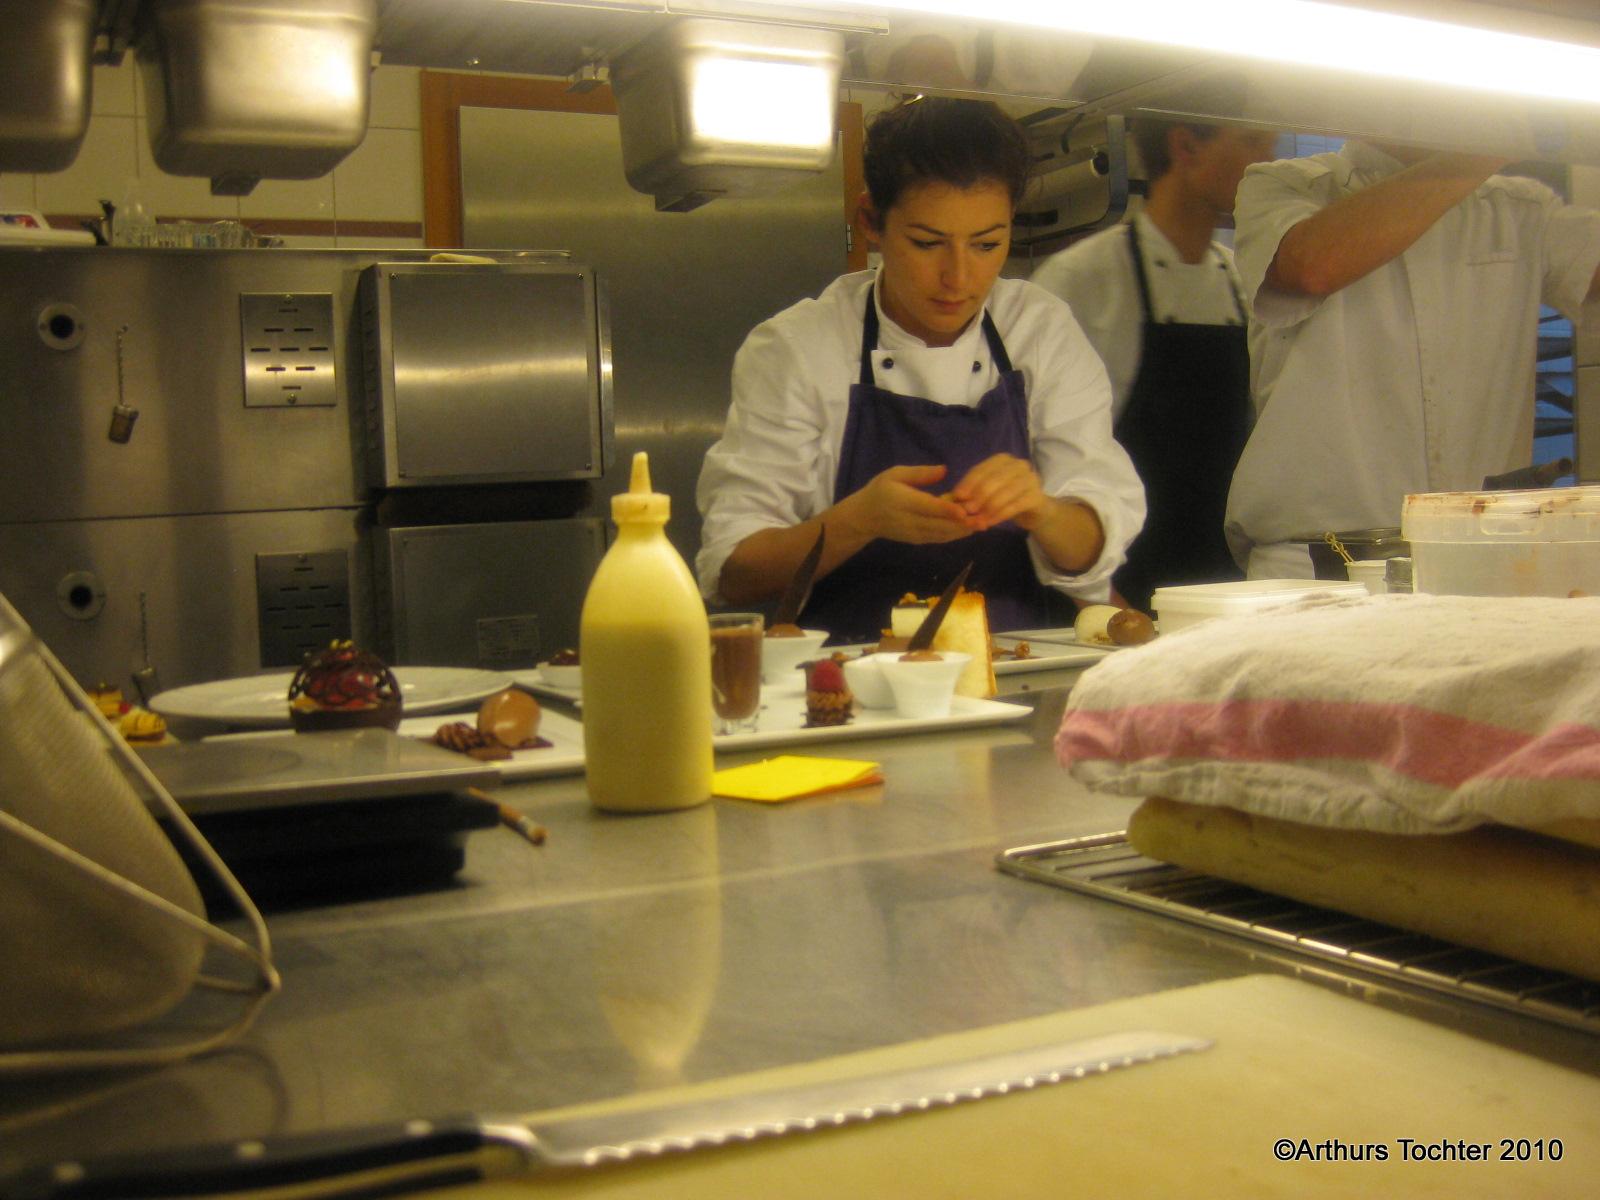 Zu Besuch in der Küche im Schwarzen Adler bei Fritz Keller | Arthurs Tochter kocht. von Astrid Paul. Der Blog für food, wine, travel & love